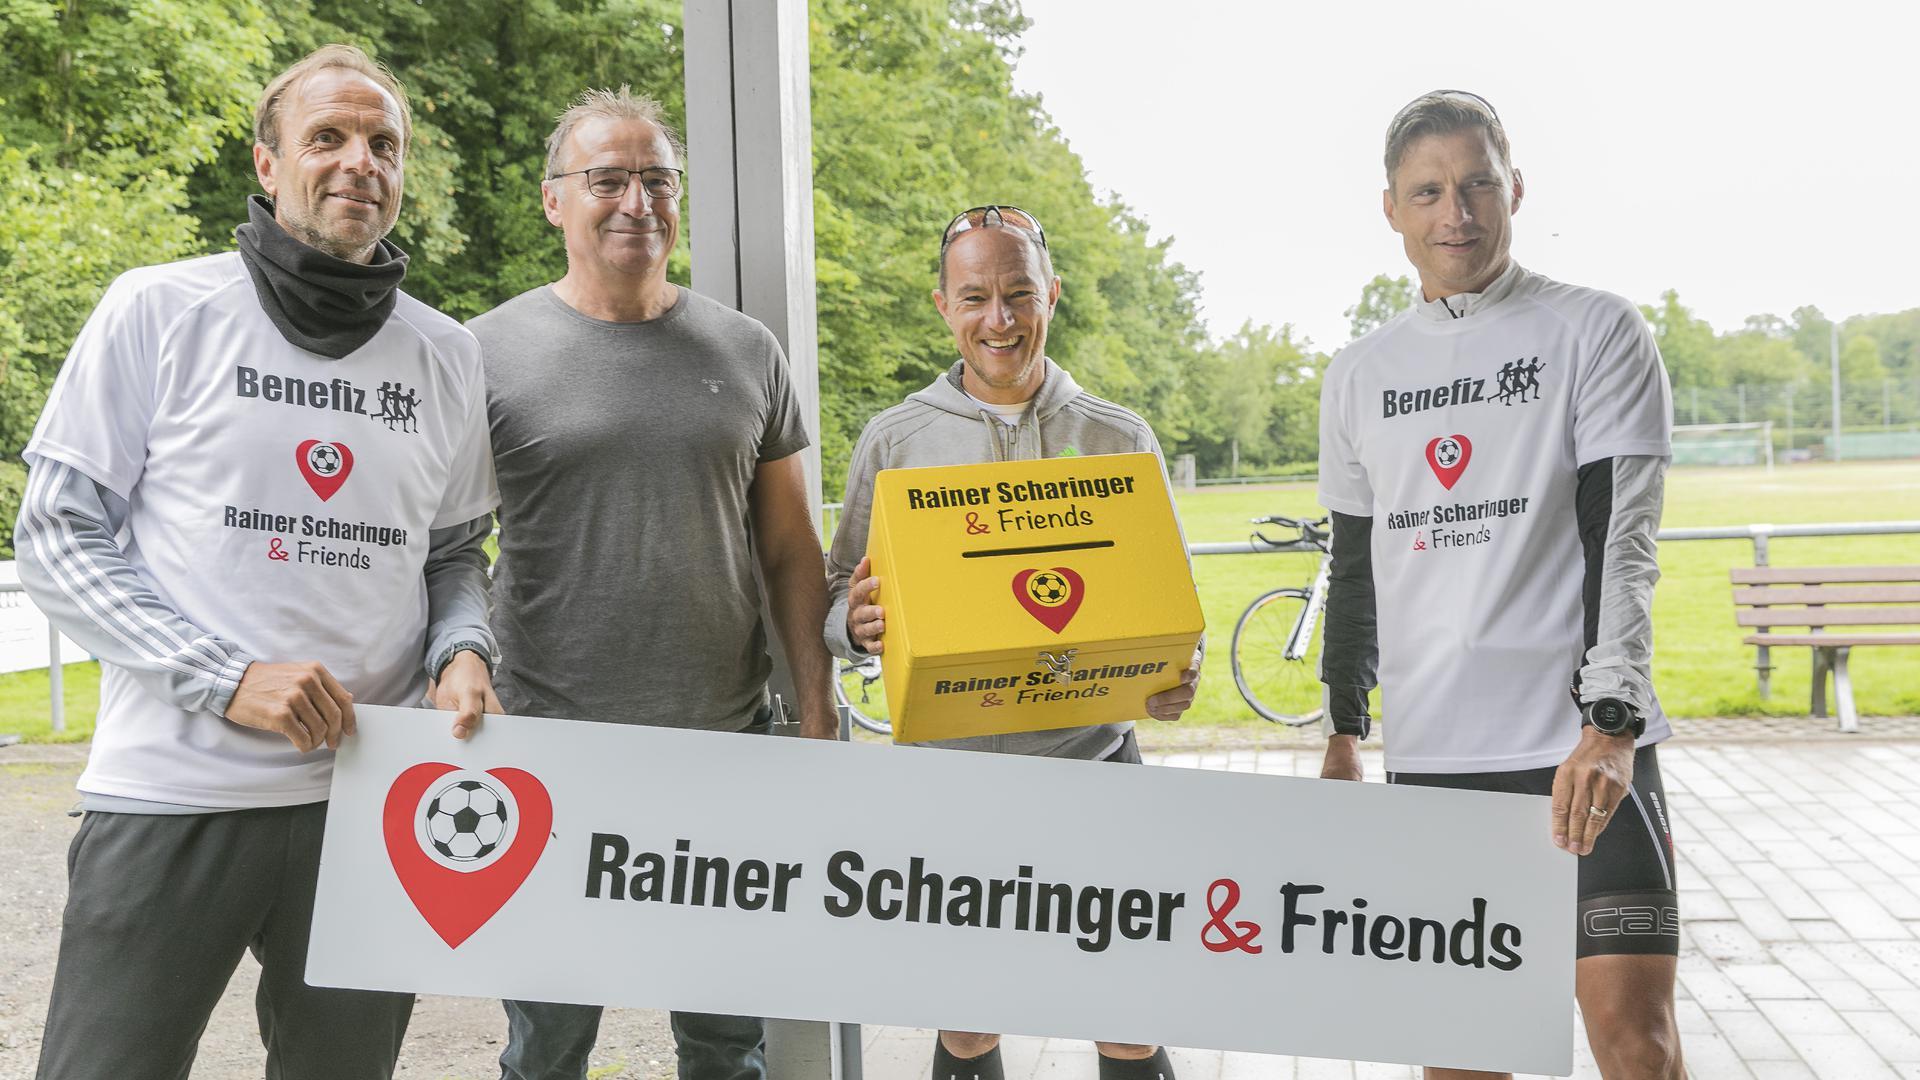 Benefizlauf für den guten Zweck: Rainer Scharinger, Vorstandsmitglied Wolfgang Lehel, Ronald Zaisser und Daniel Senger (von links) mit der gelben Spendenbox.